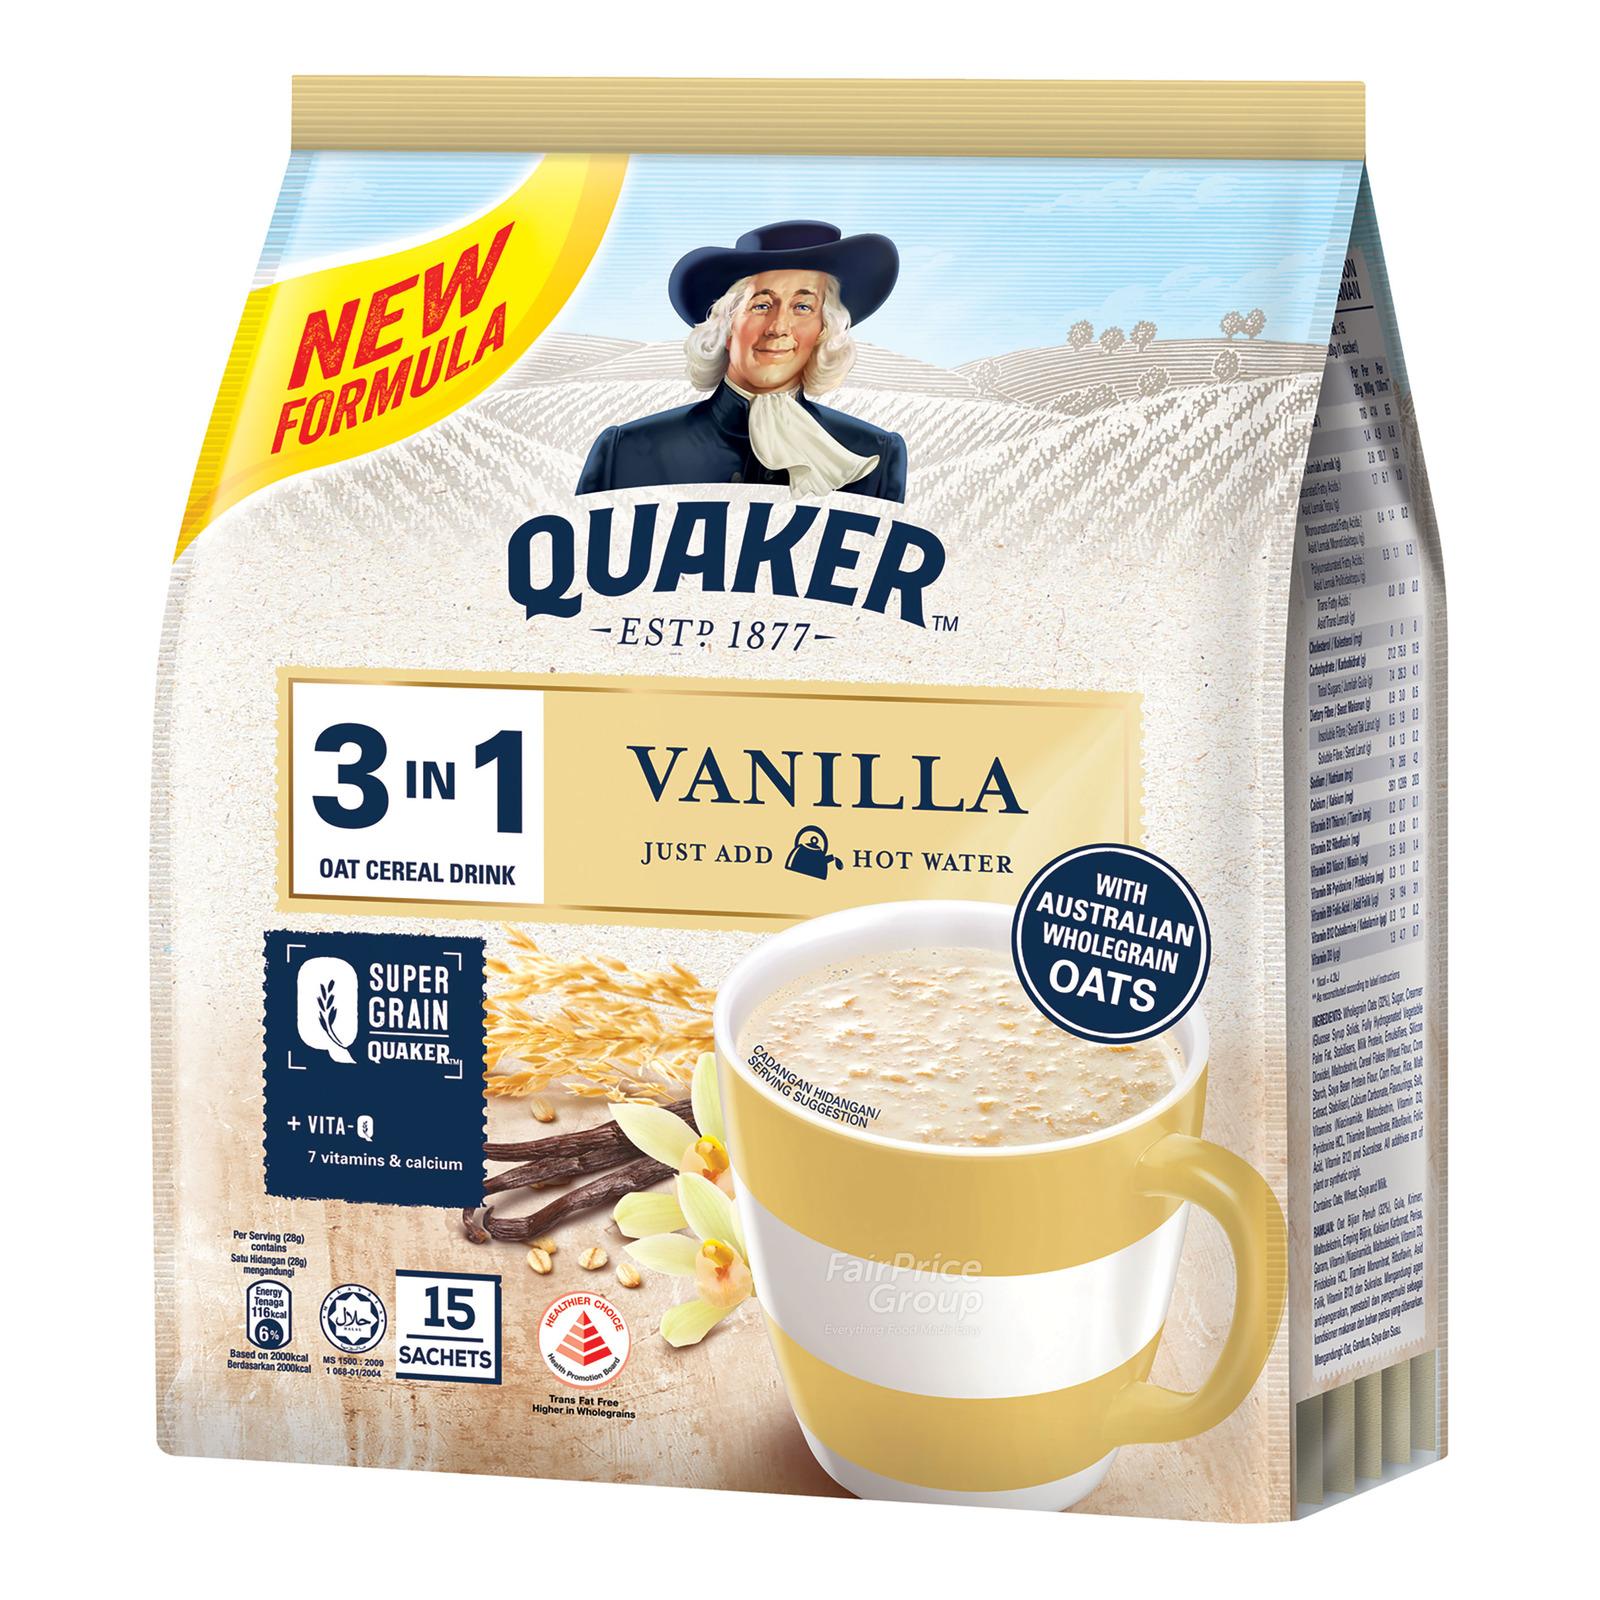 Quaker 3 in 1 Instant Oat Cereal Drink - Vanilla